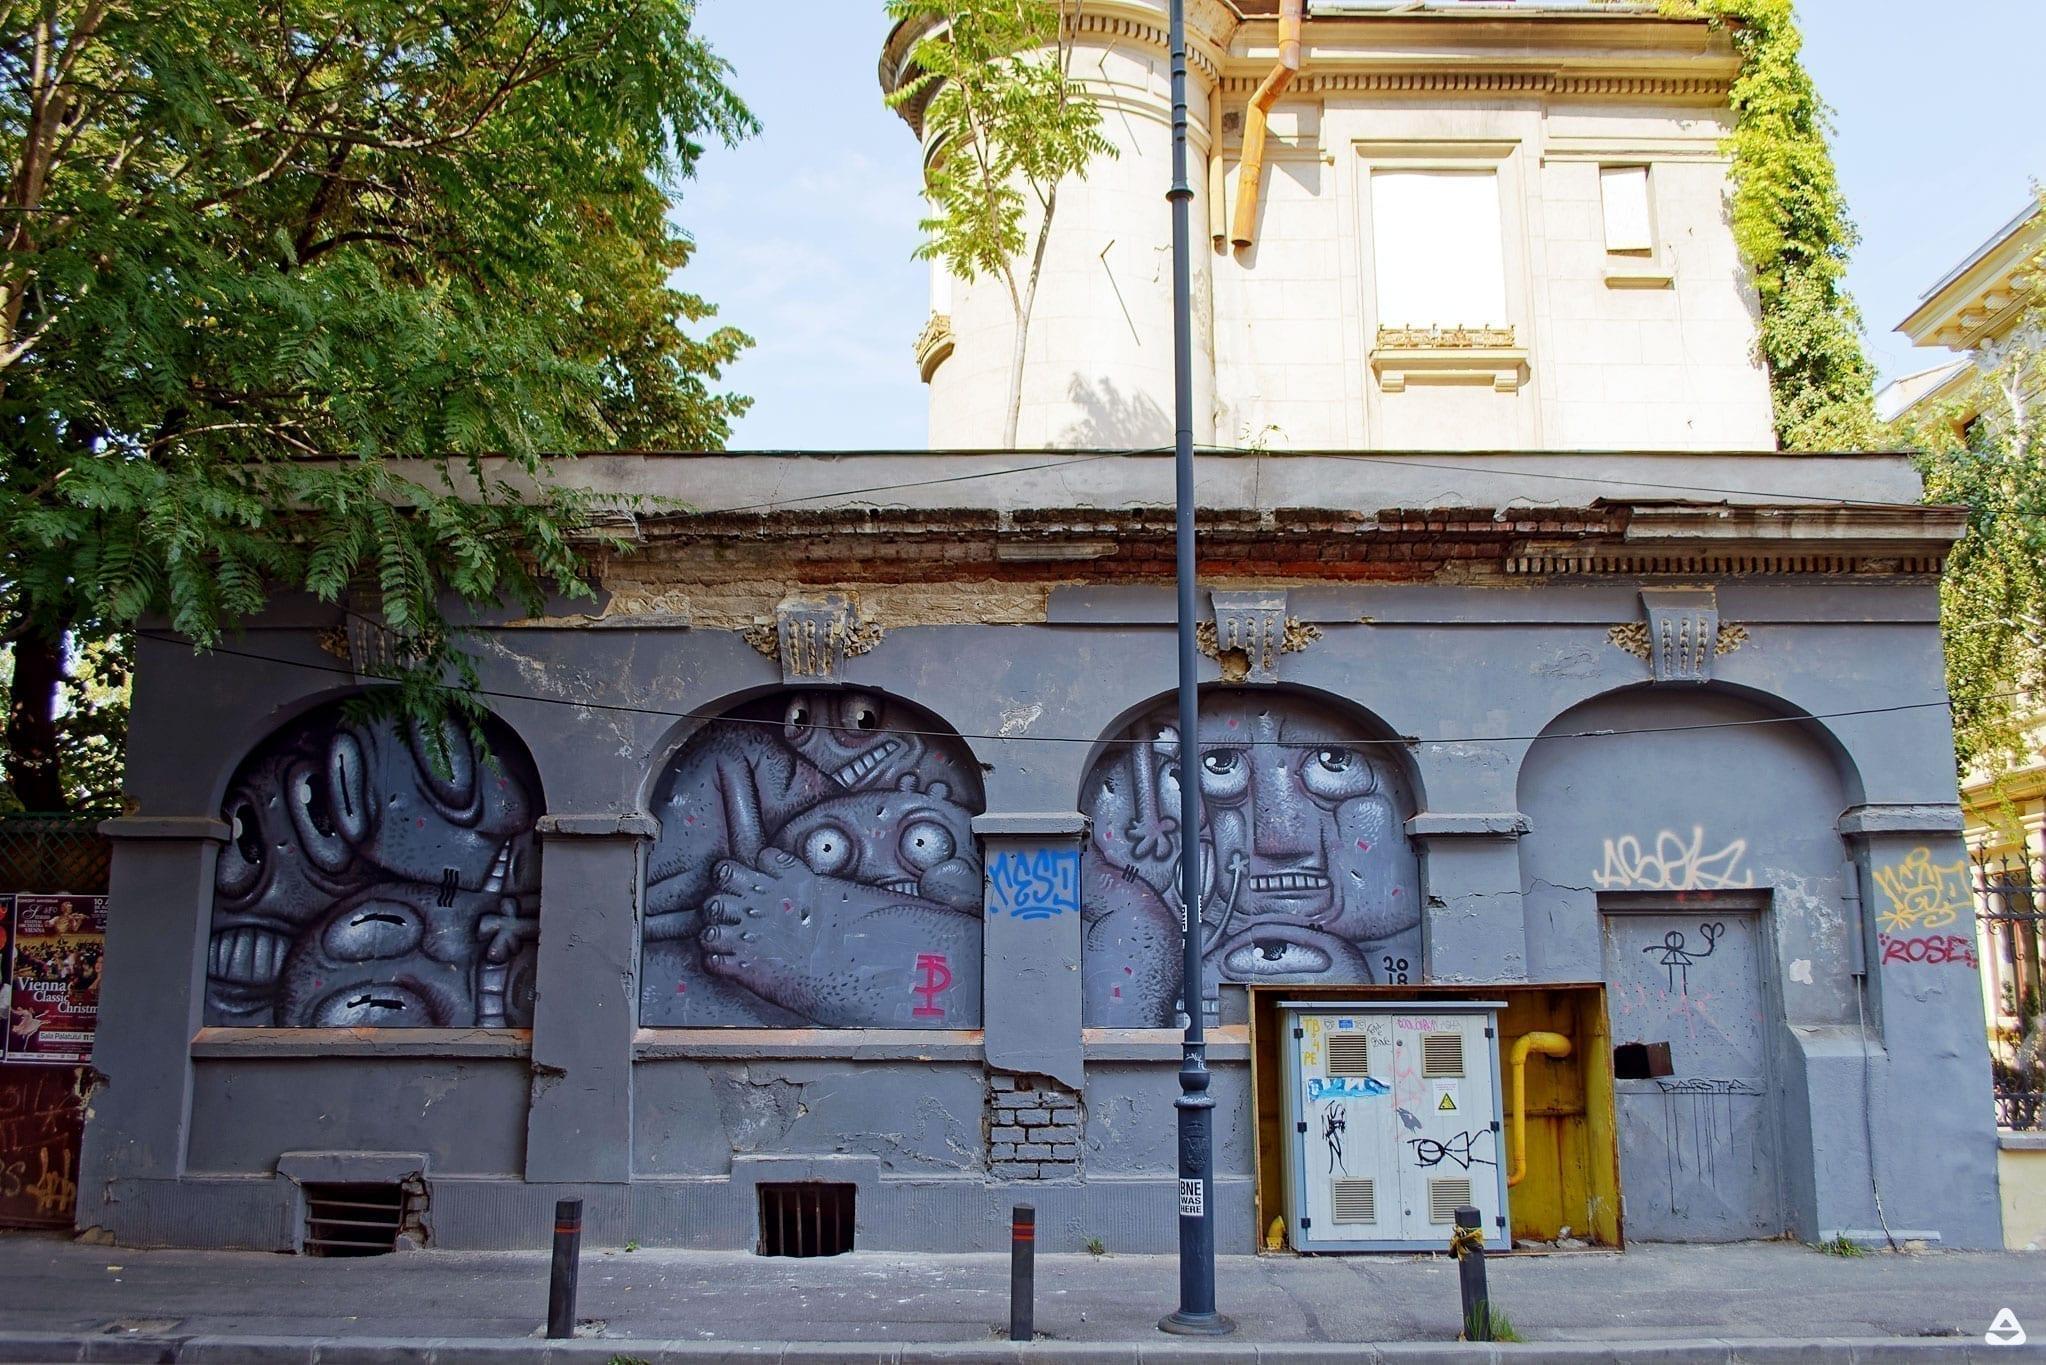 Un-hidden Bucharest street art Pisica Pătrată